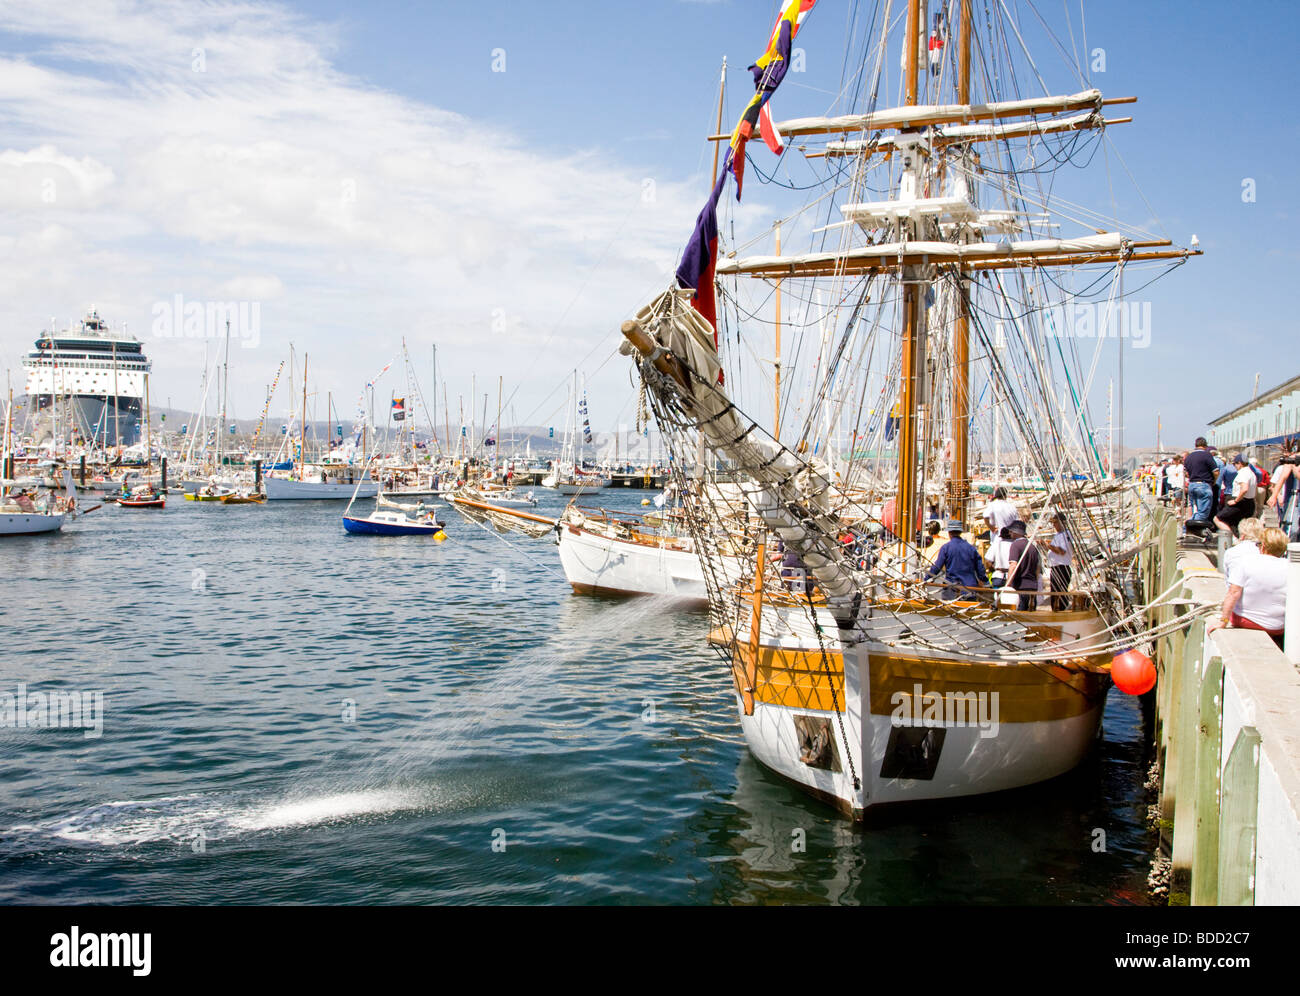 Busy harbour scene during the 2009 Australian Wooden Boat Festival. Hobart Tasmania Australia - Stock Image